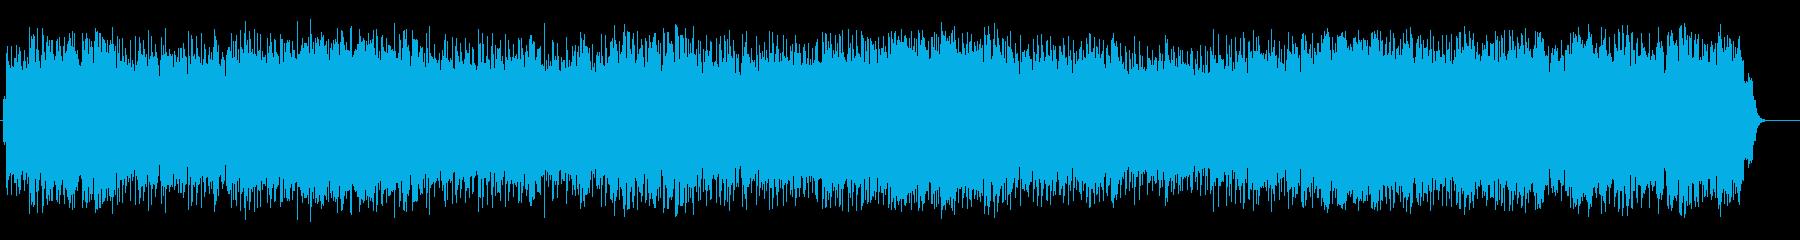 夏の定番思い出の湘南サウンド系ポップスの再生済みの波形